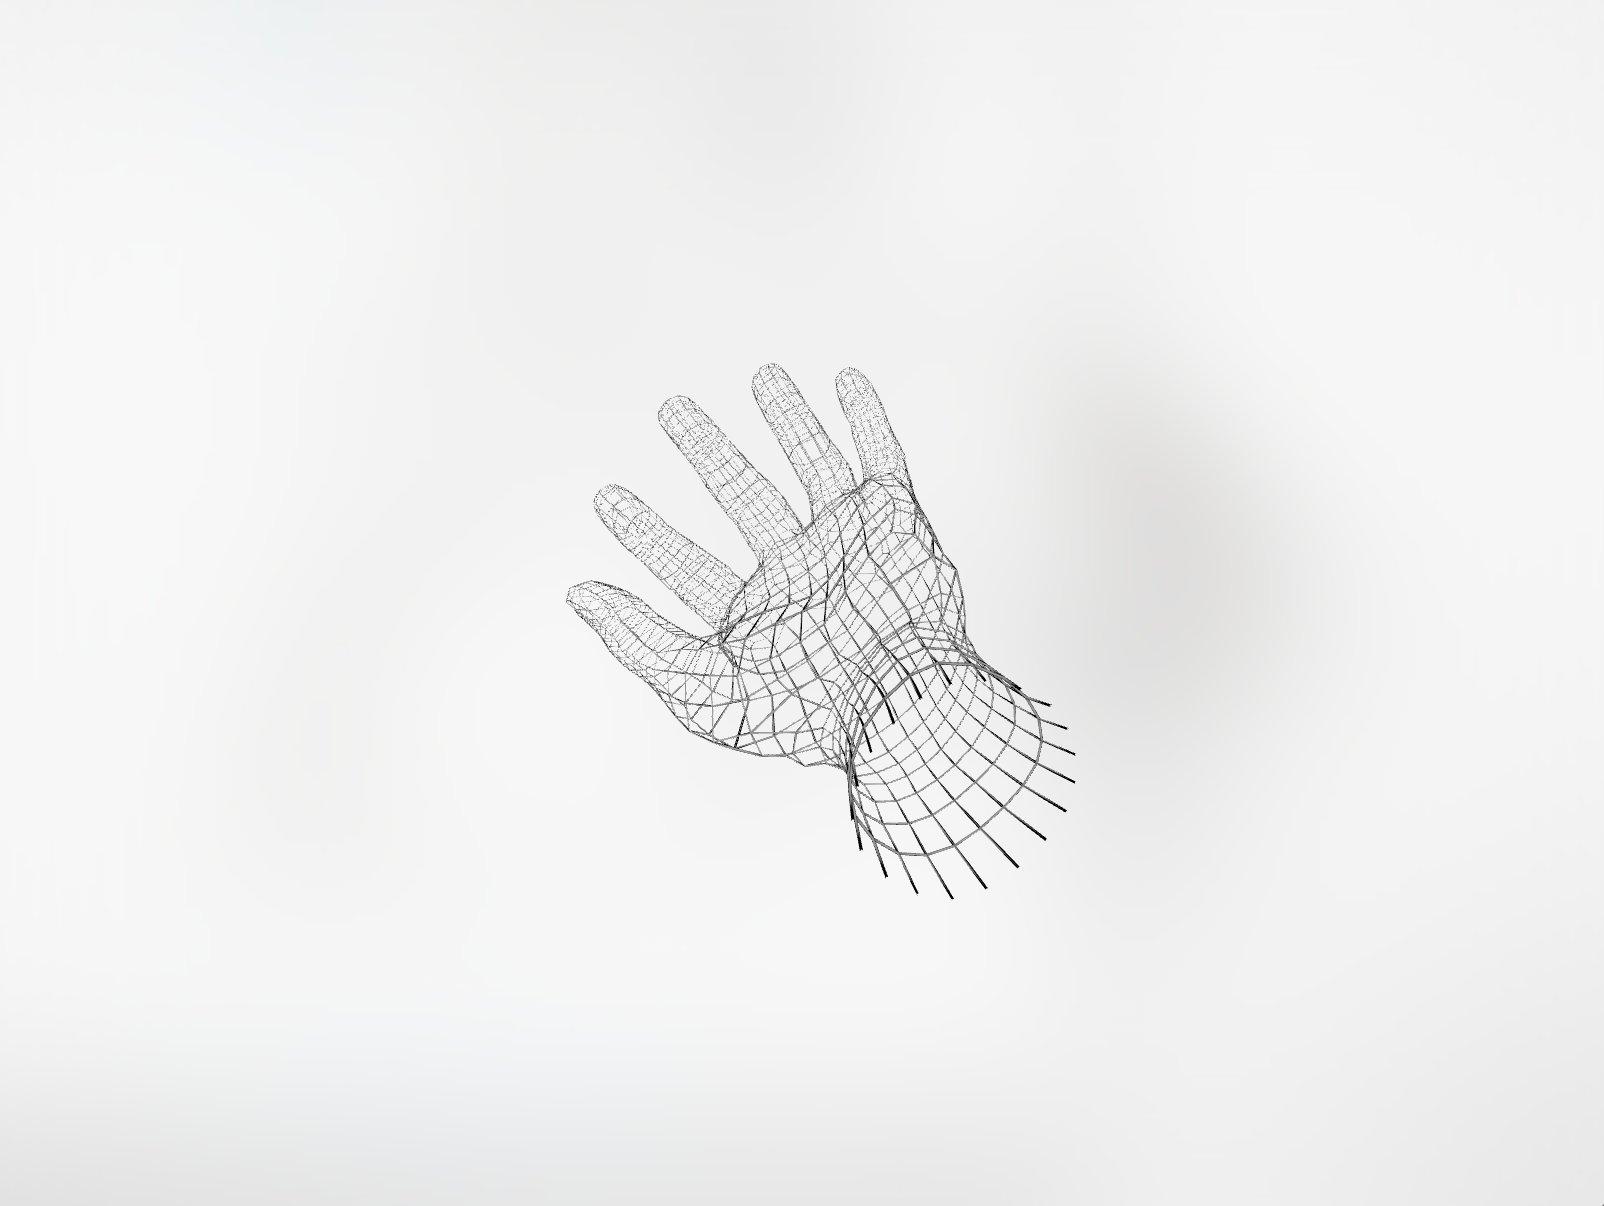 [淘宝购买] 90年代复古派对海报传单人体3D欧普艺术图形设计素材 Old 90s Rave Flyers插图(6)